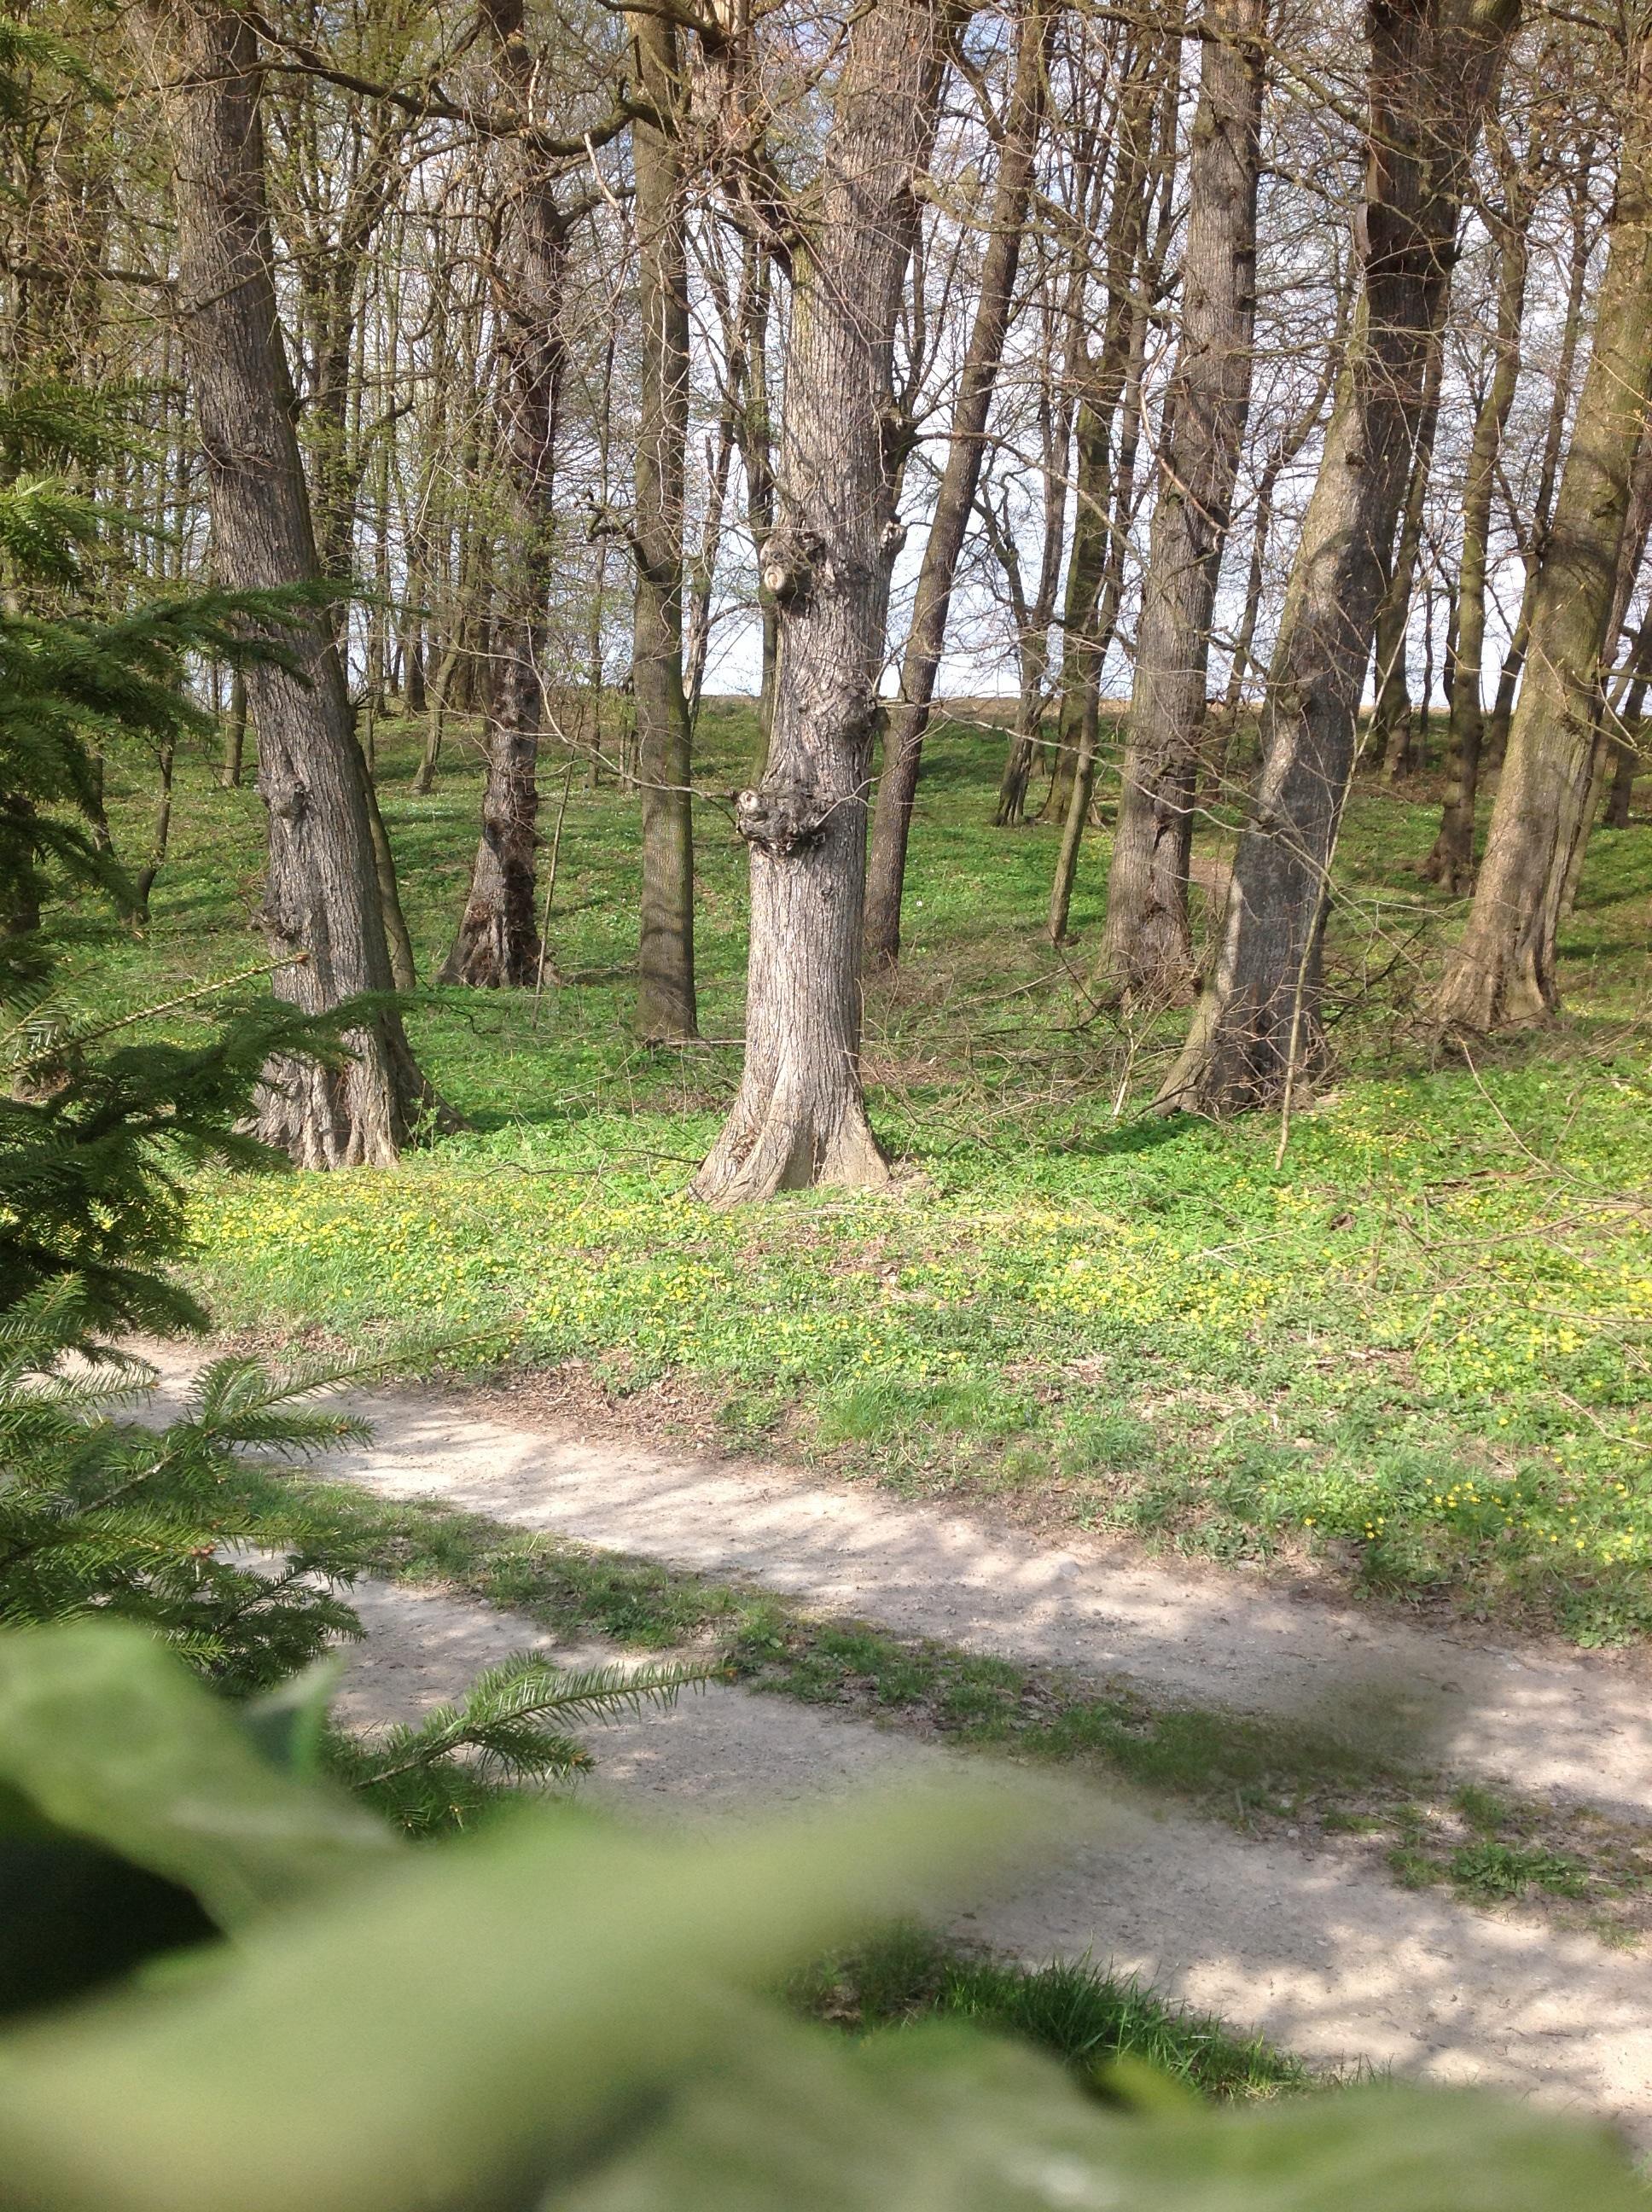 imagestare drzewa za ogrodzeniem